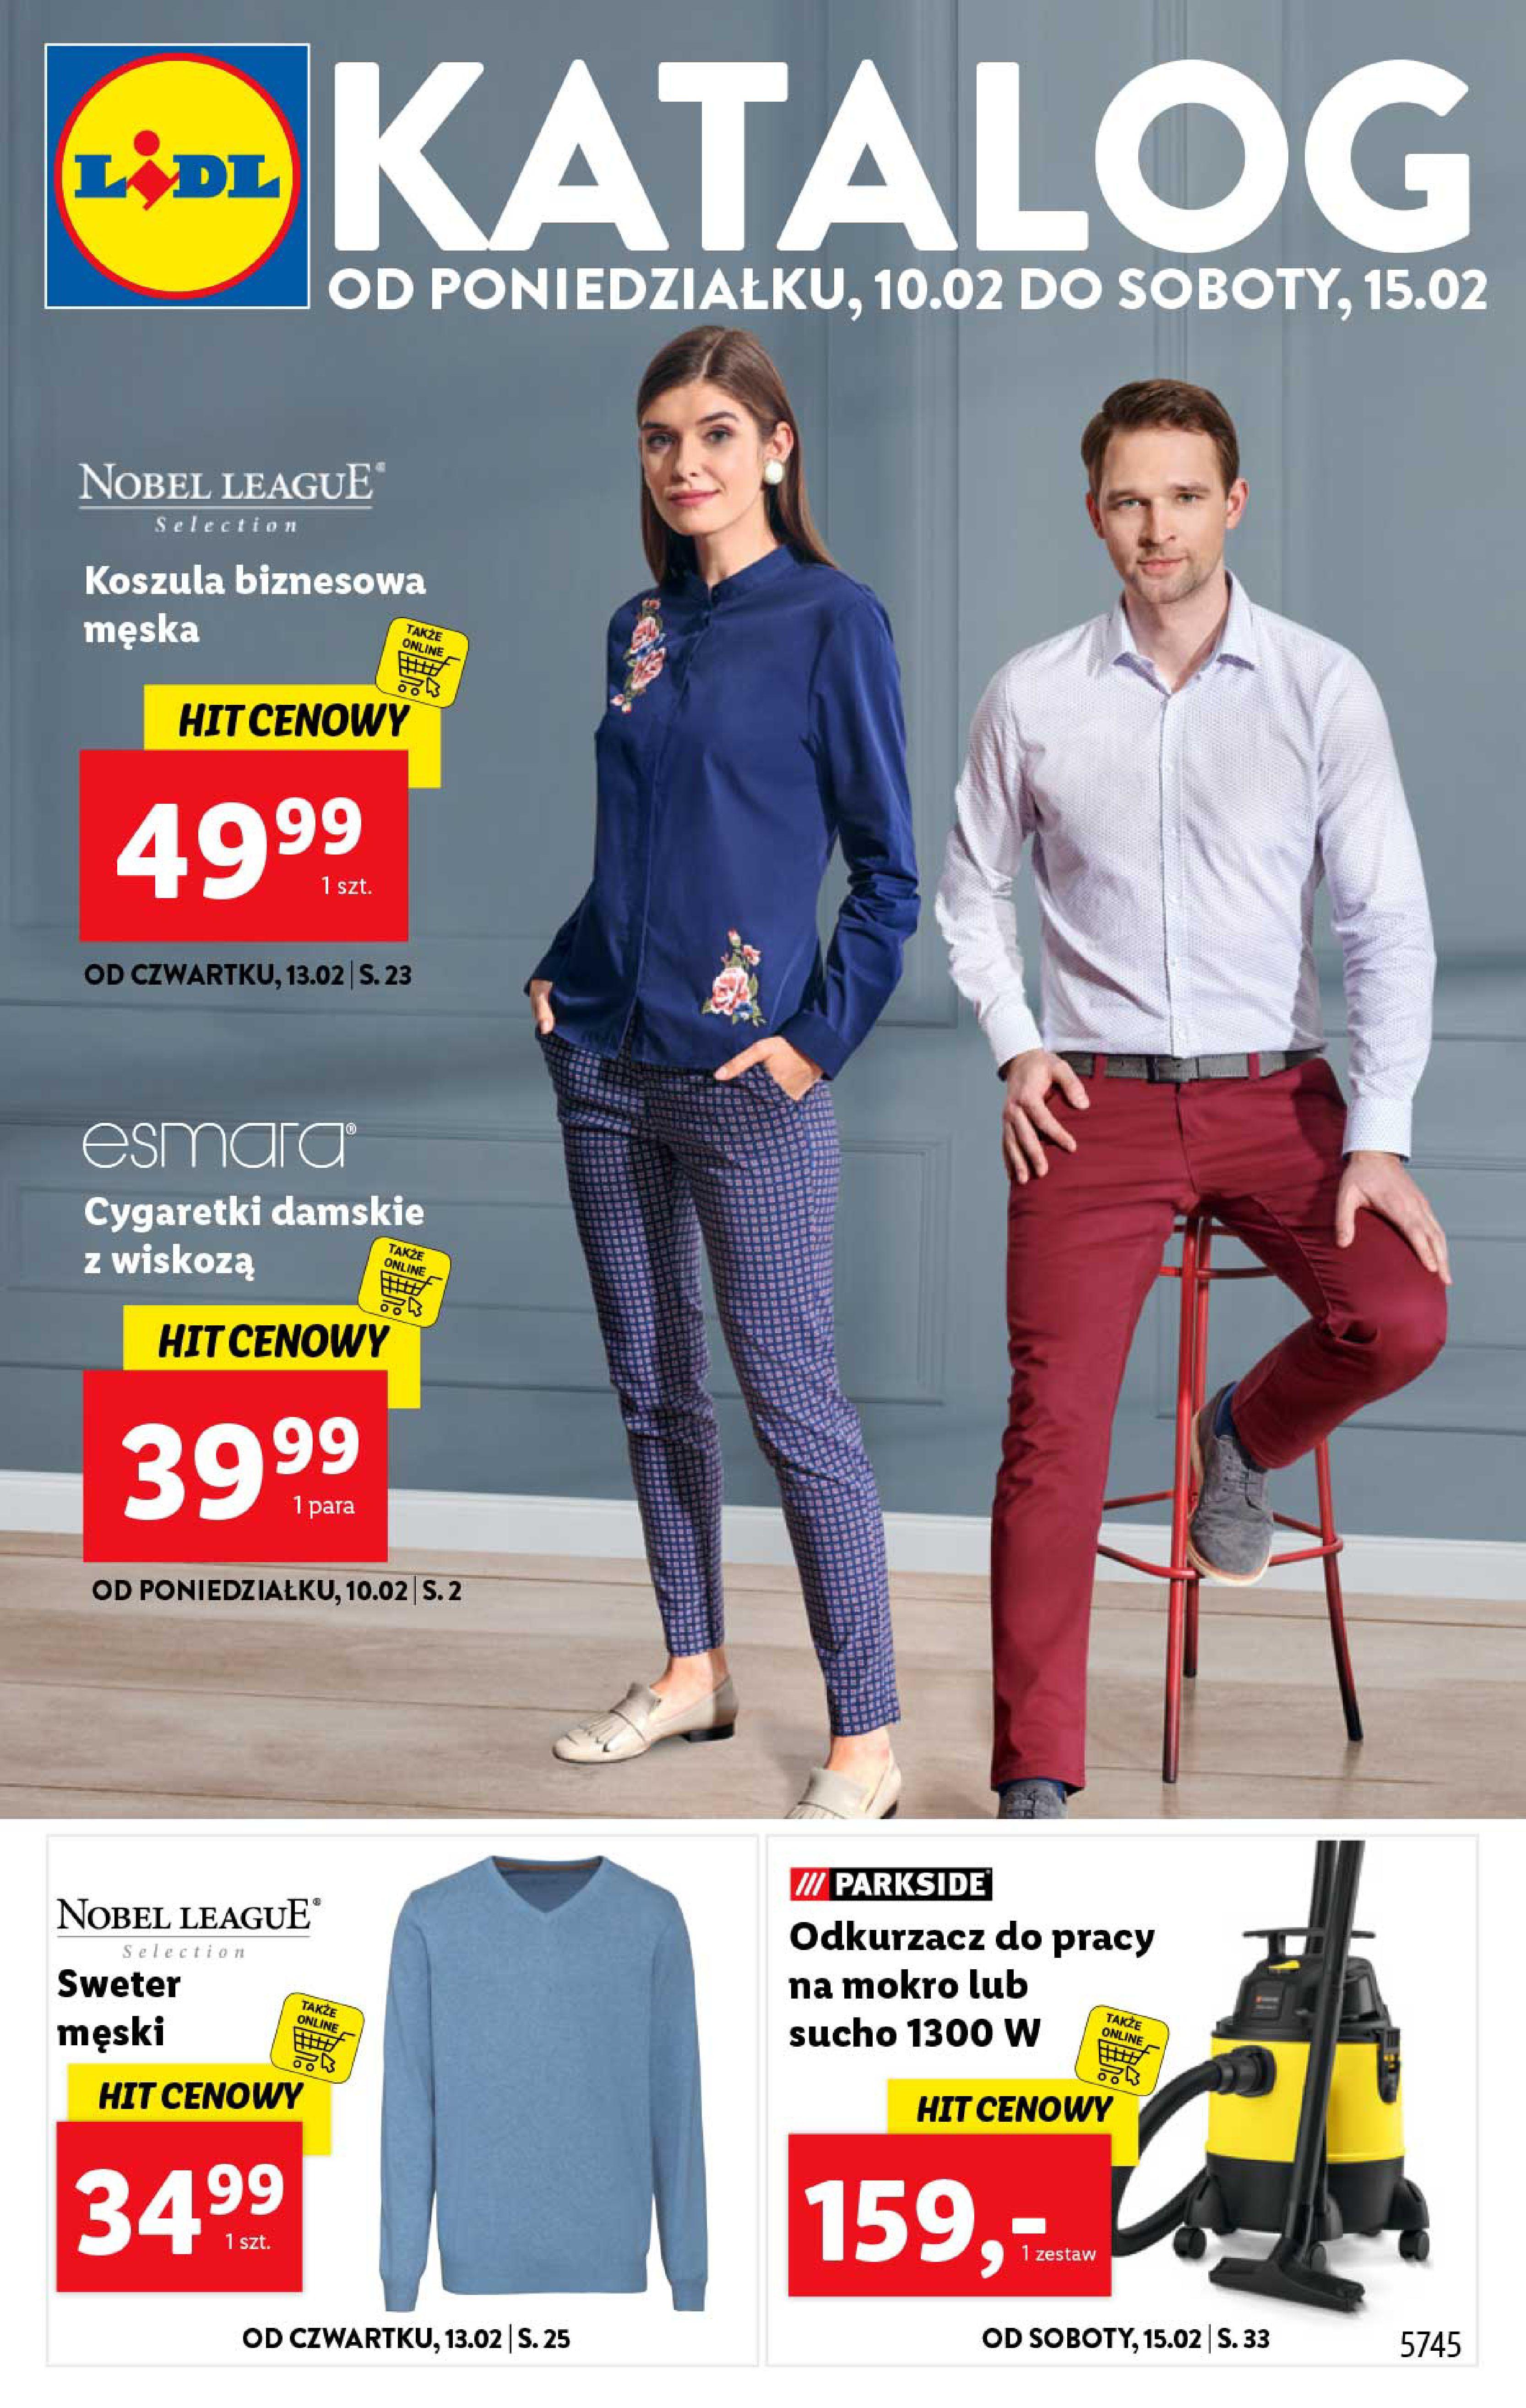 Gazetka Lidl - Katalog od poniedziałku-09.02.2020-15.02.2020-page-1